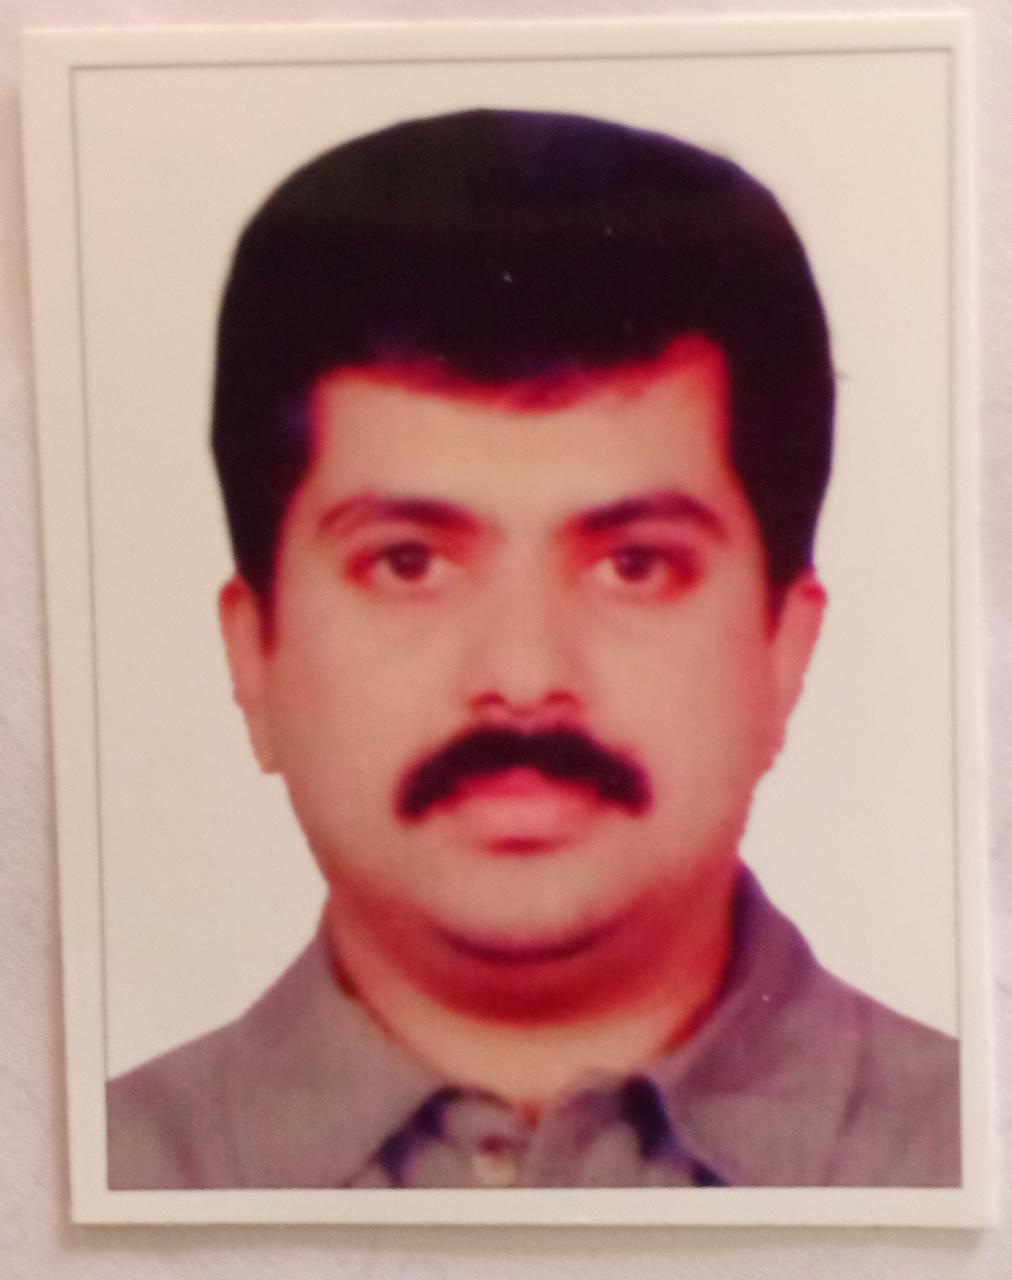 சிவமூர்த்தி